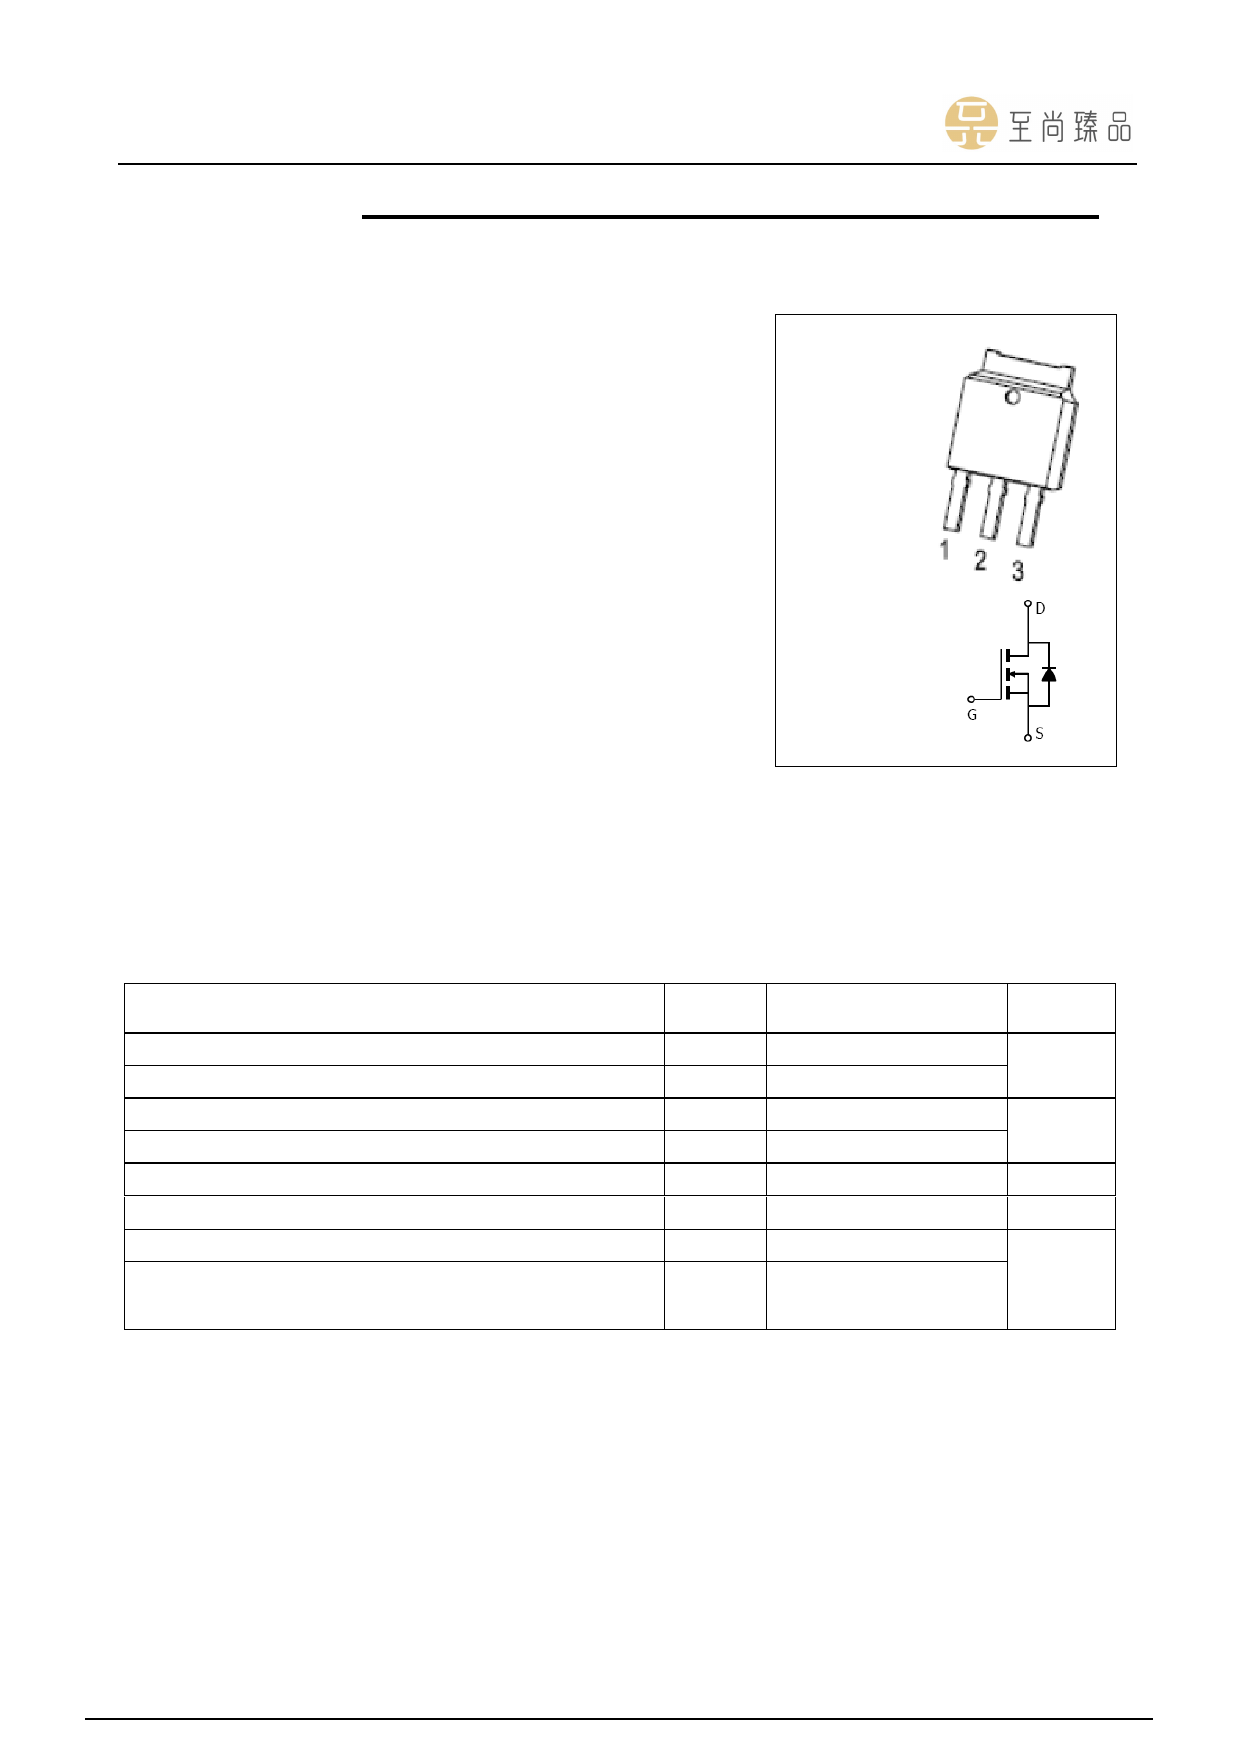 CJD04N60A دیتاشیت PDF